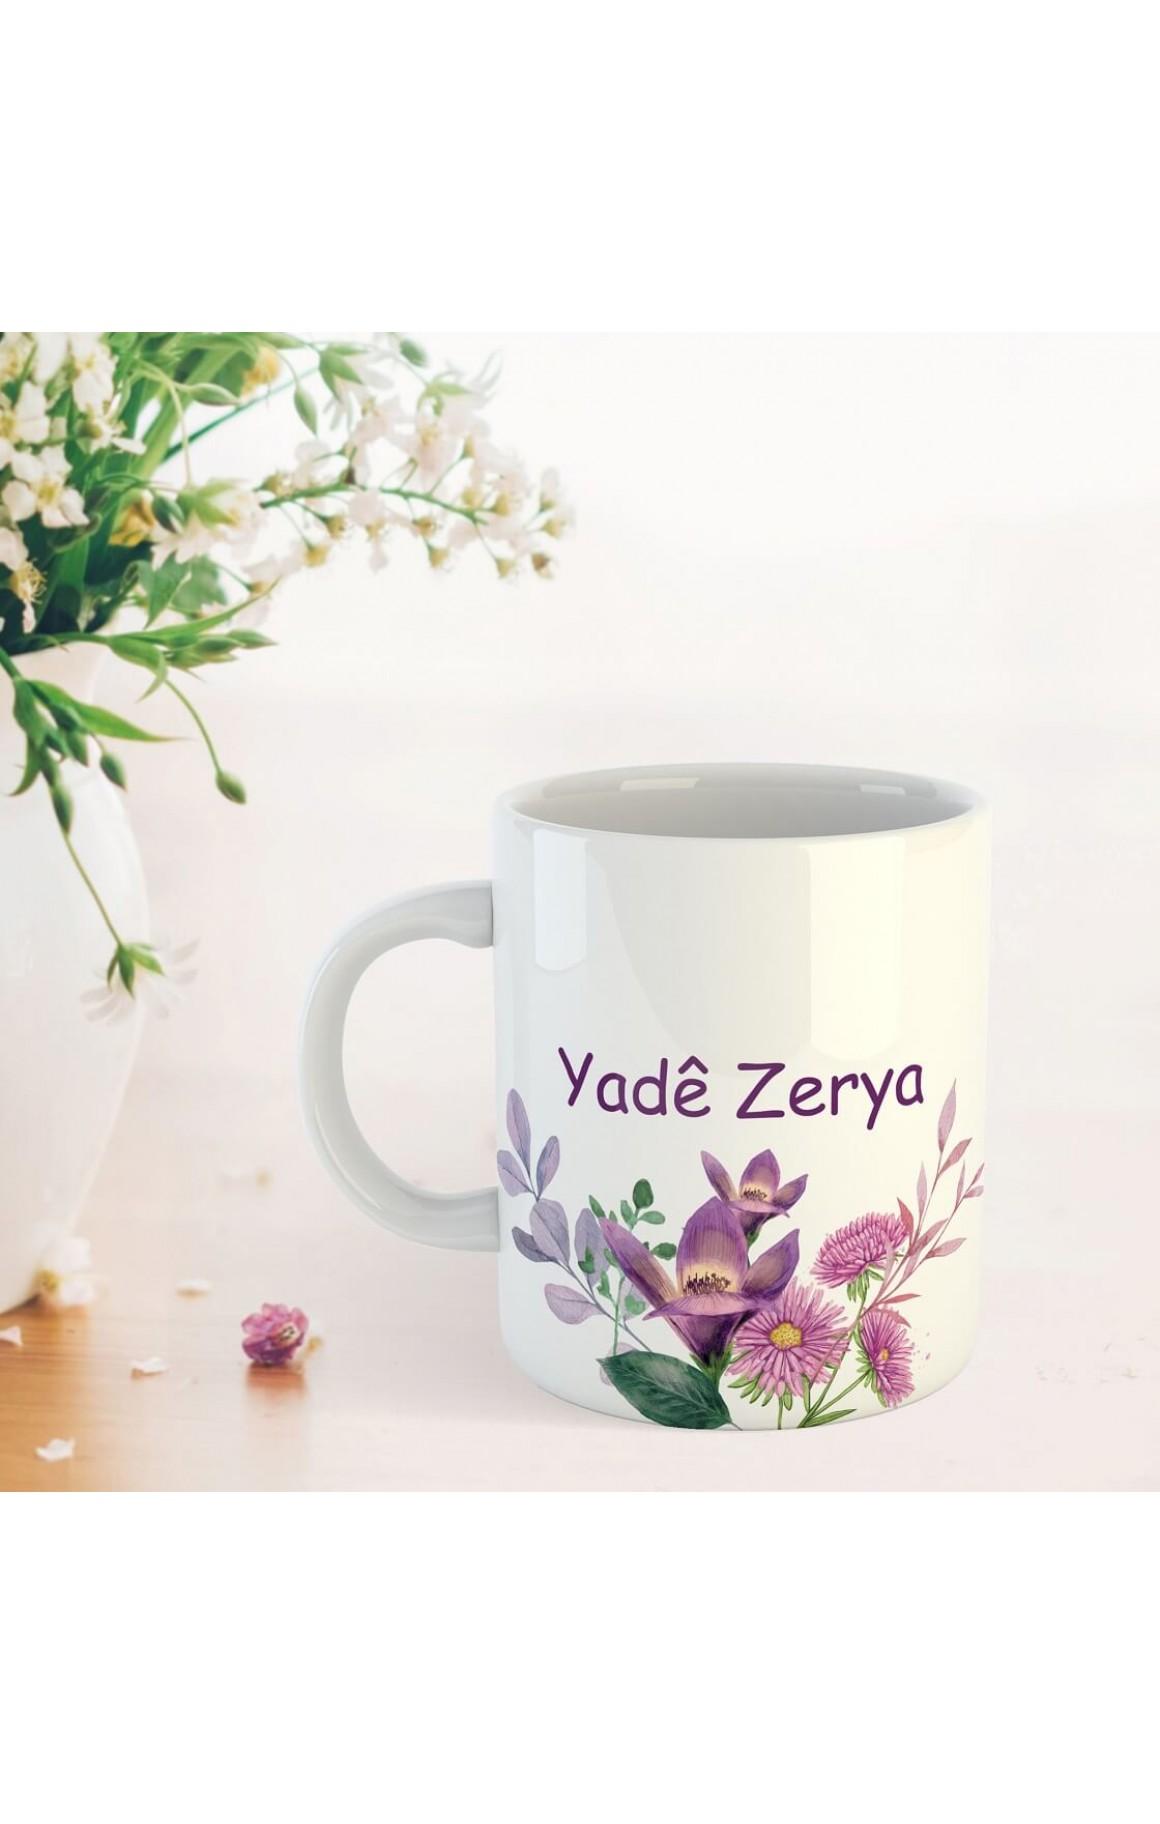 Annelere Özel İsimli Porselen Kupa - Yadê Zerya